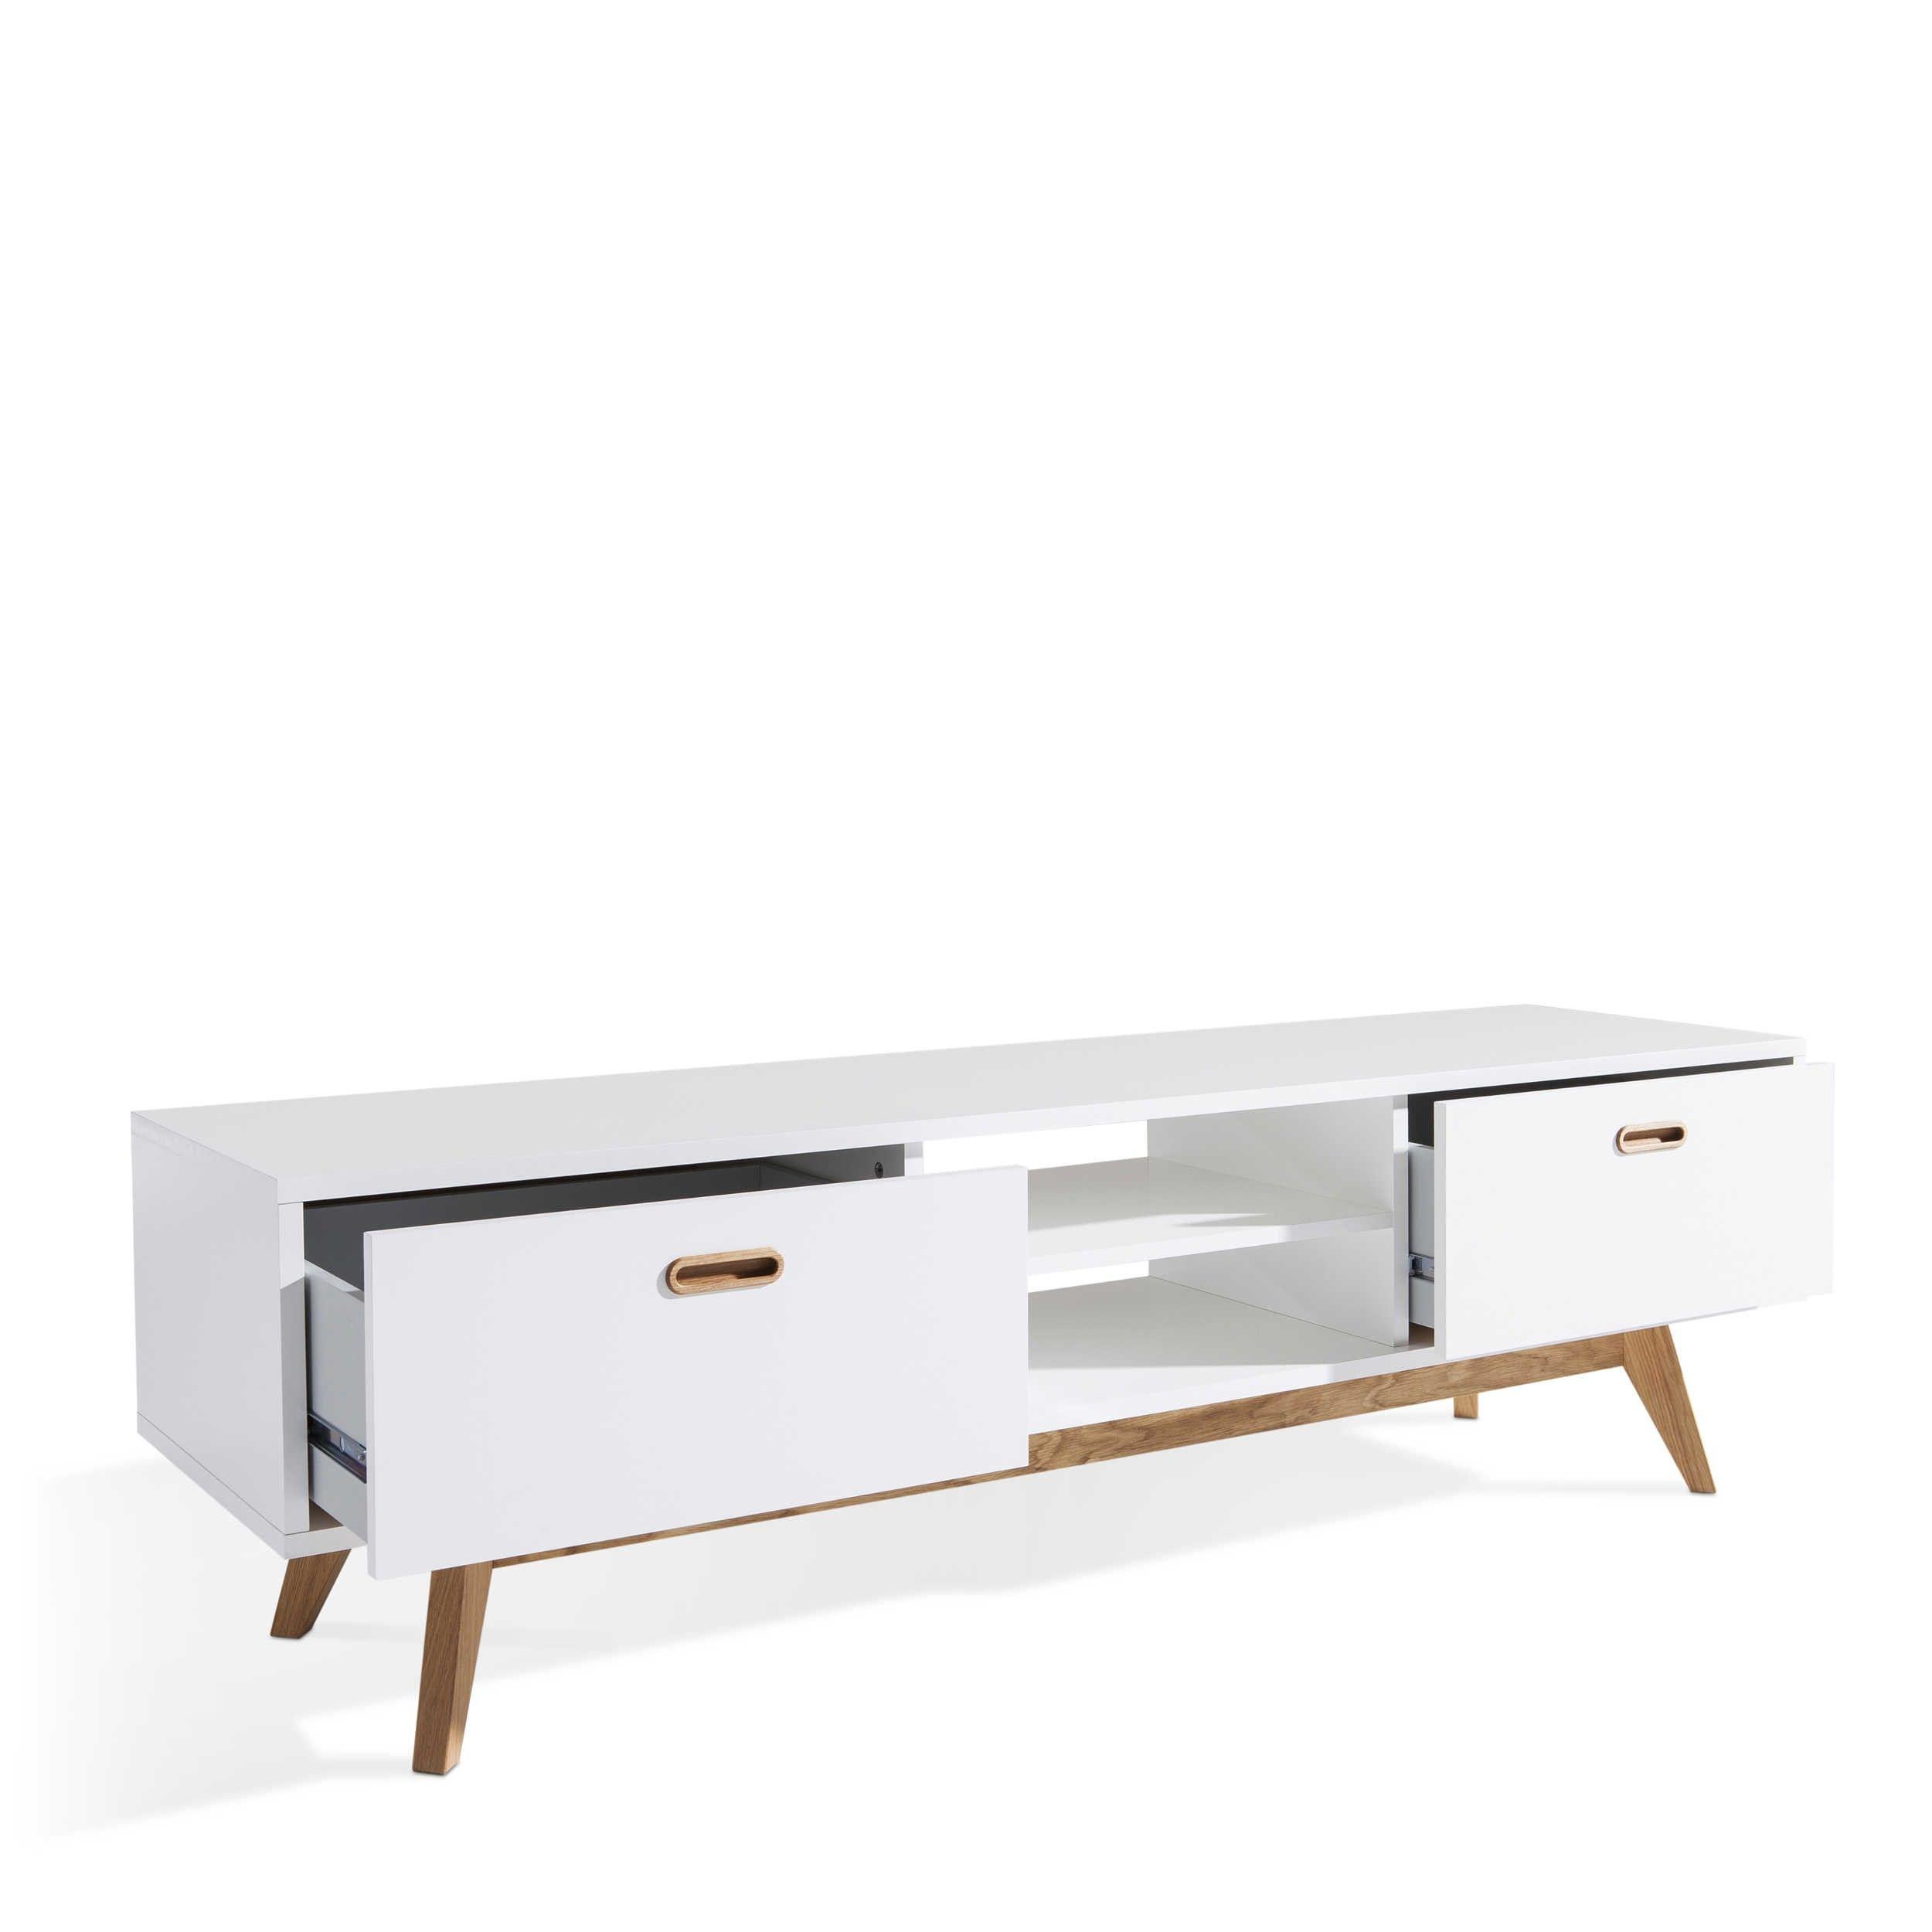 Wohnzimmer Möbel Höffner am besten Moderne Möbel Und Design Ideen Tipps